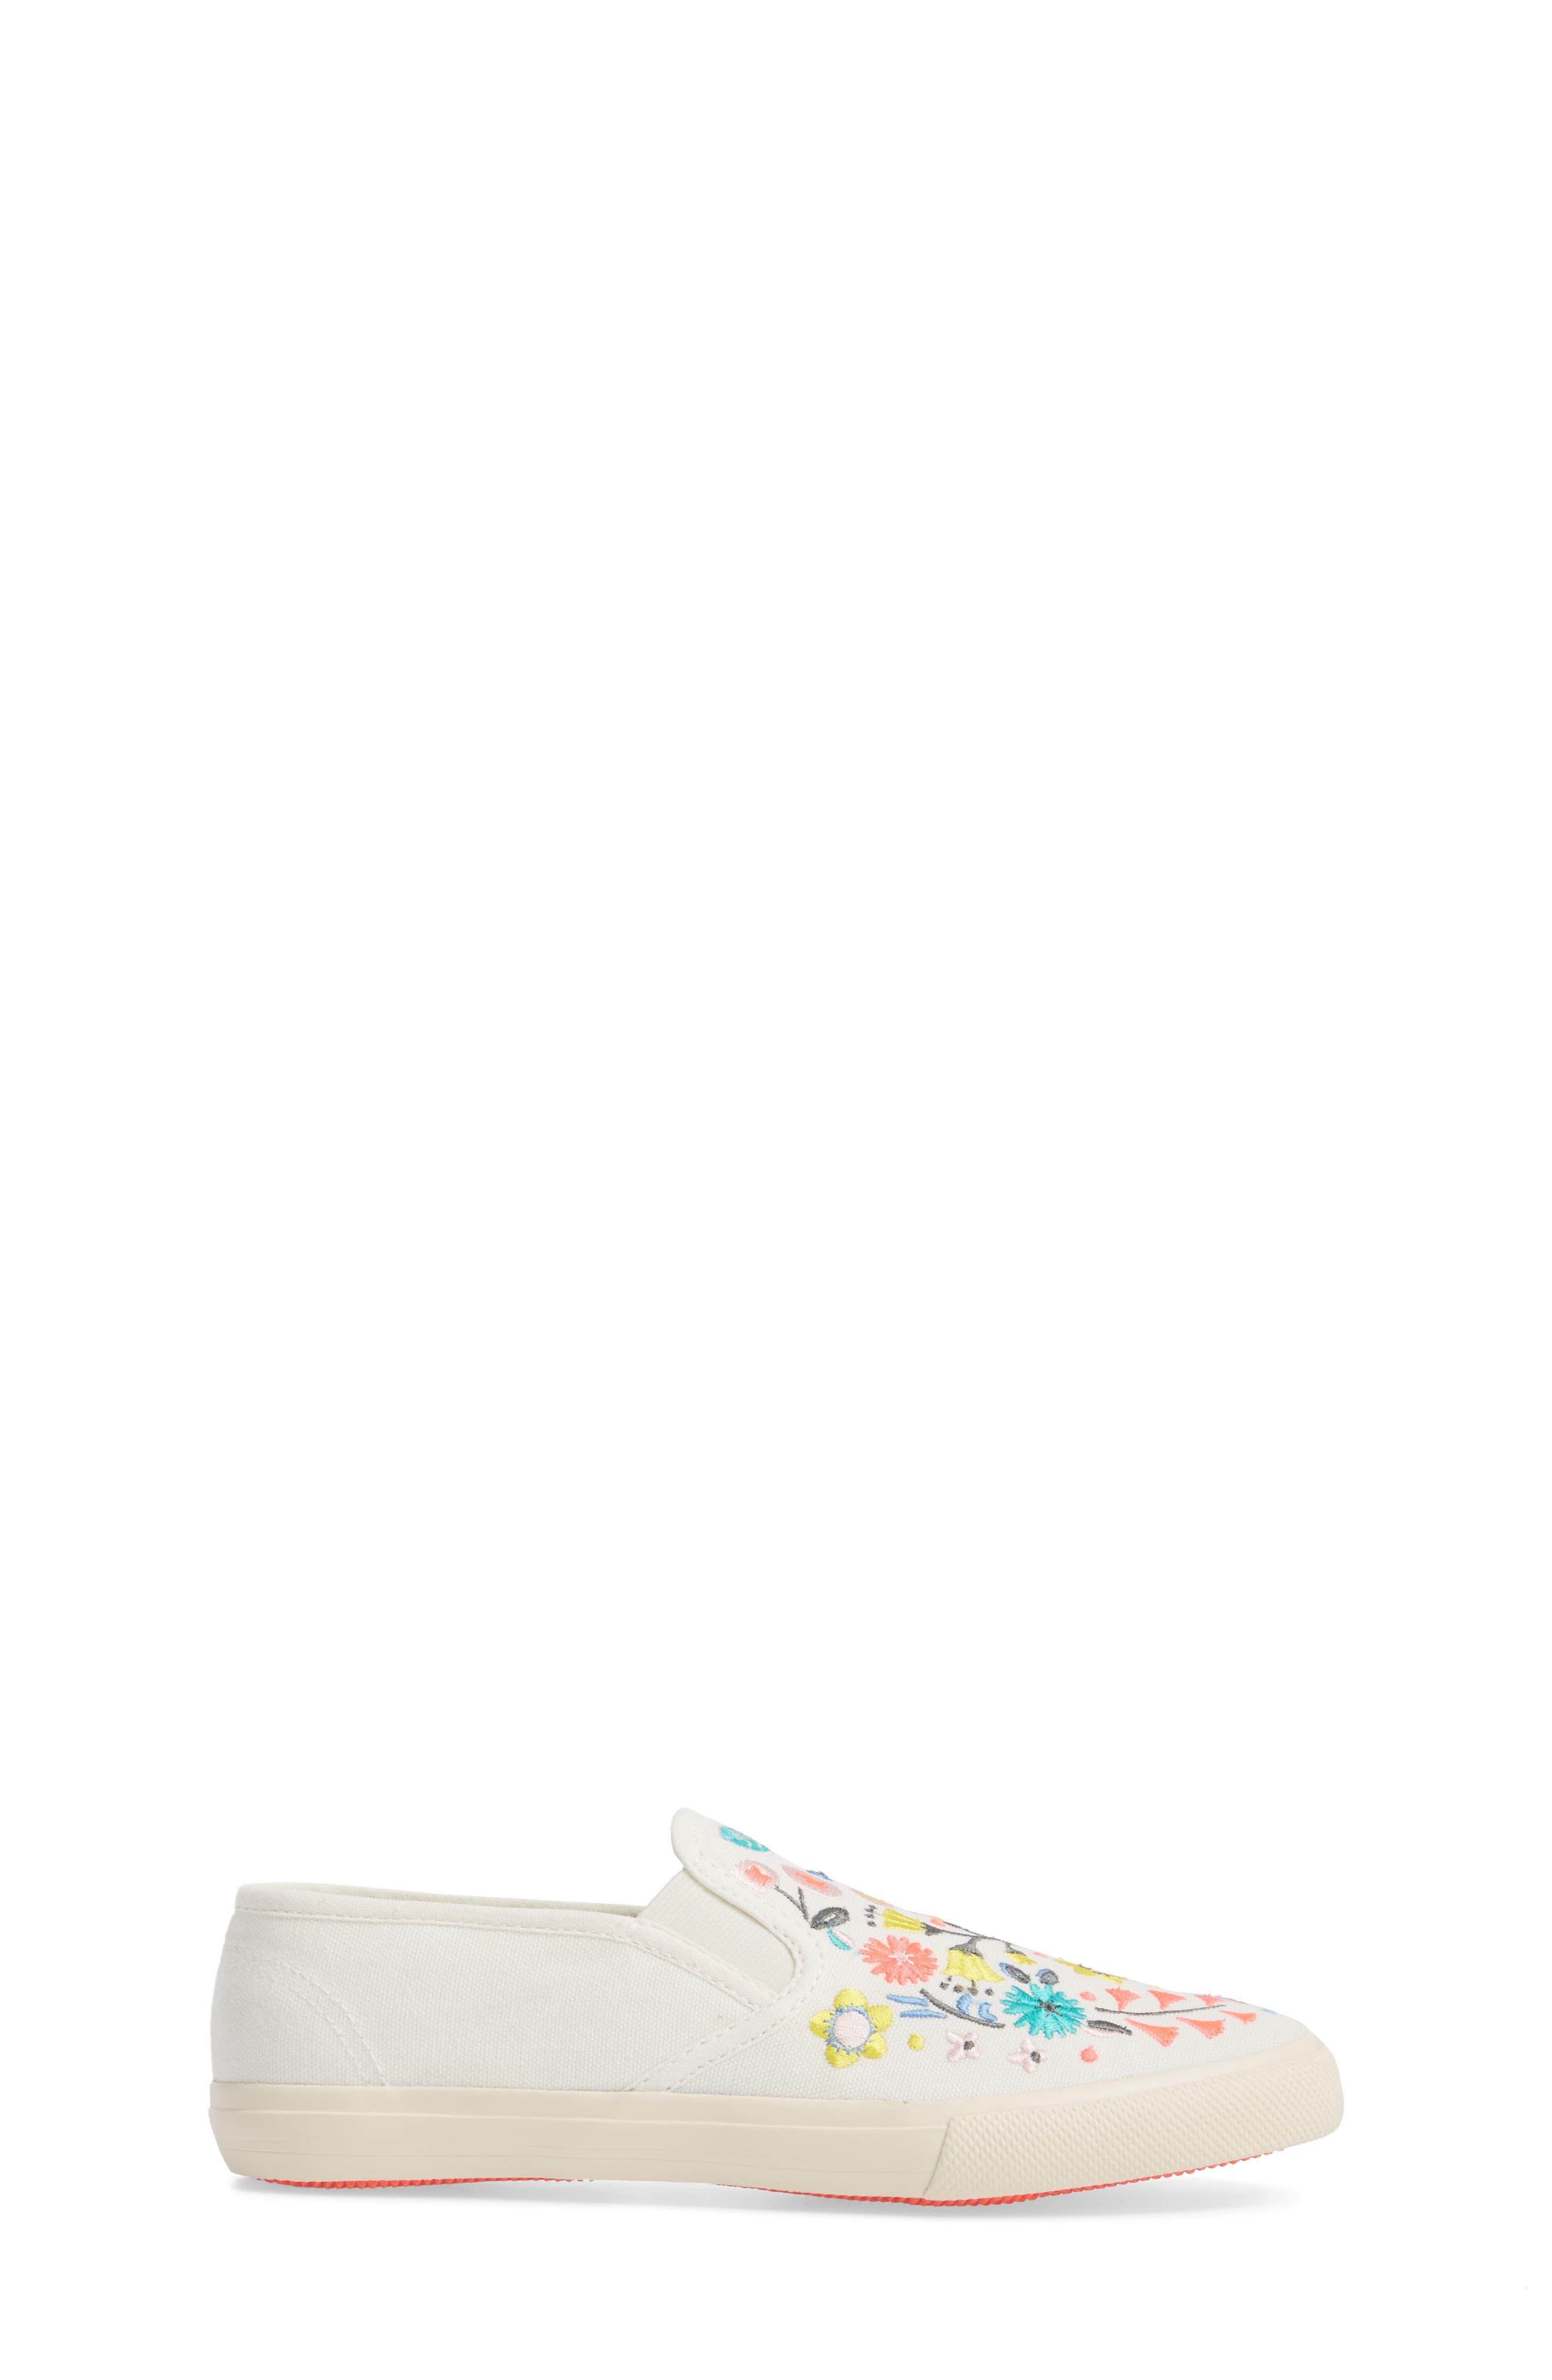 Boden Embroidered Slip-On Sneaker,                             Alternate thumbnail 3, color,                             Ecru